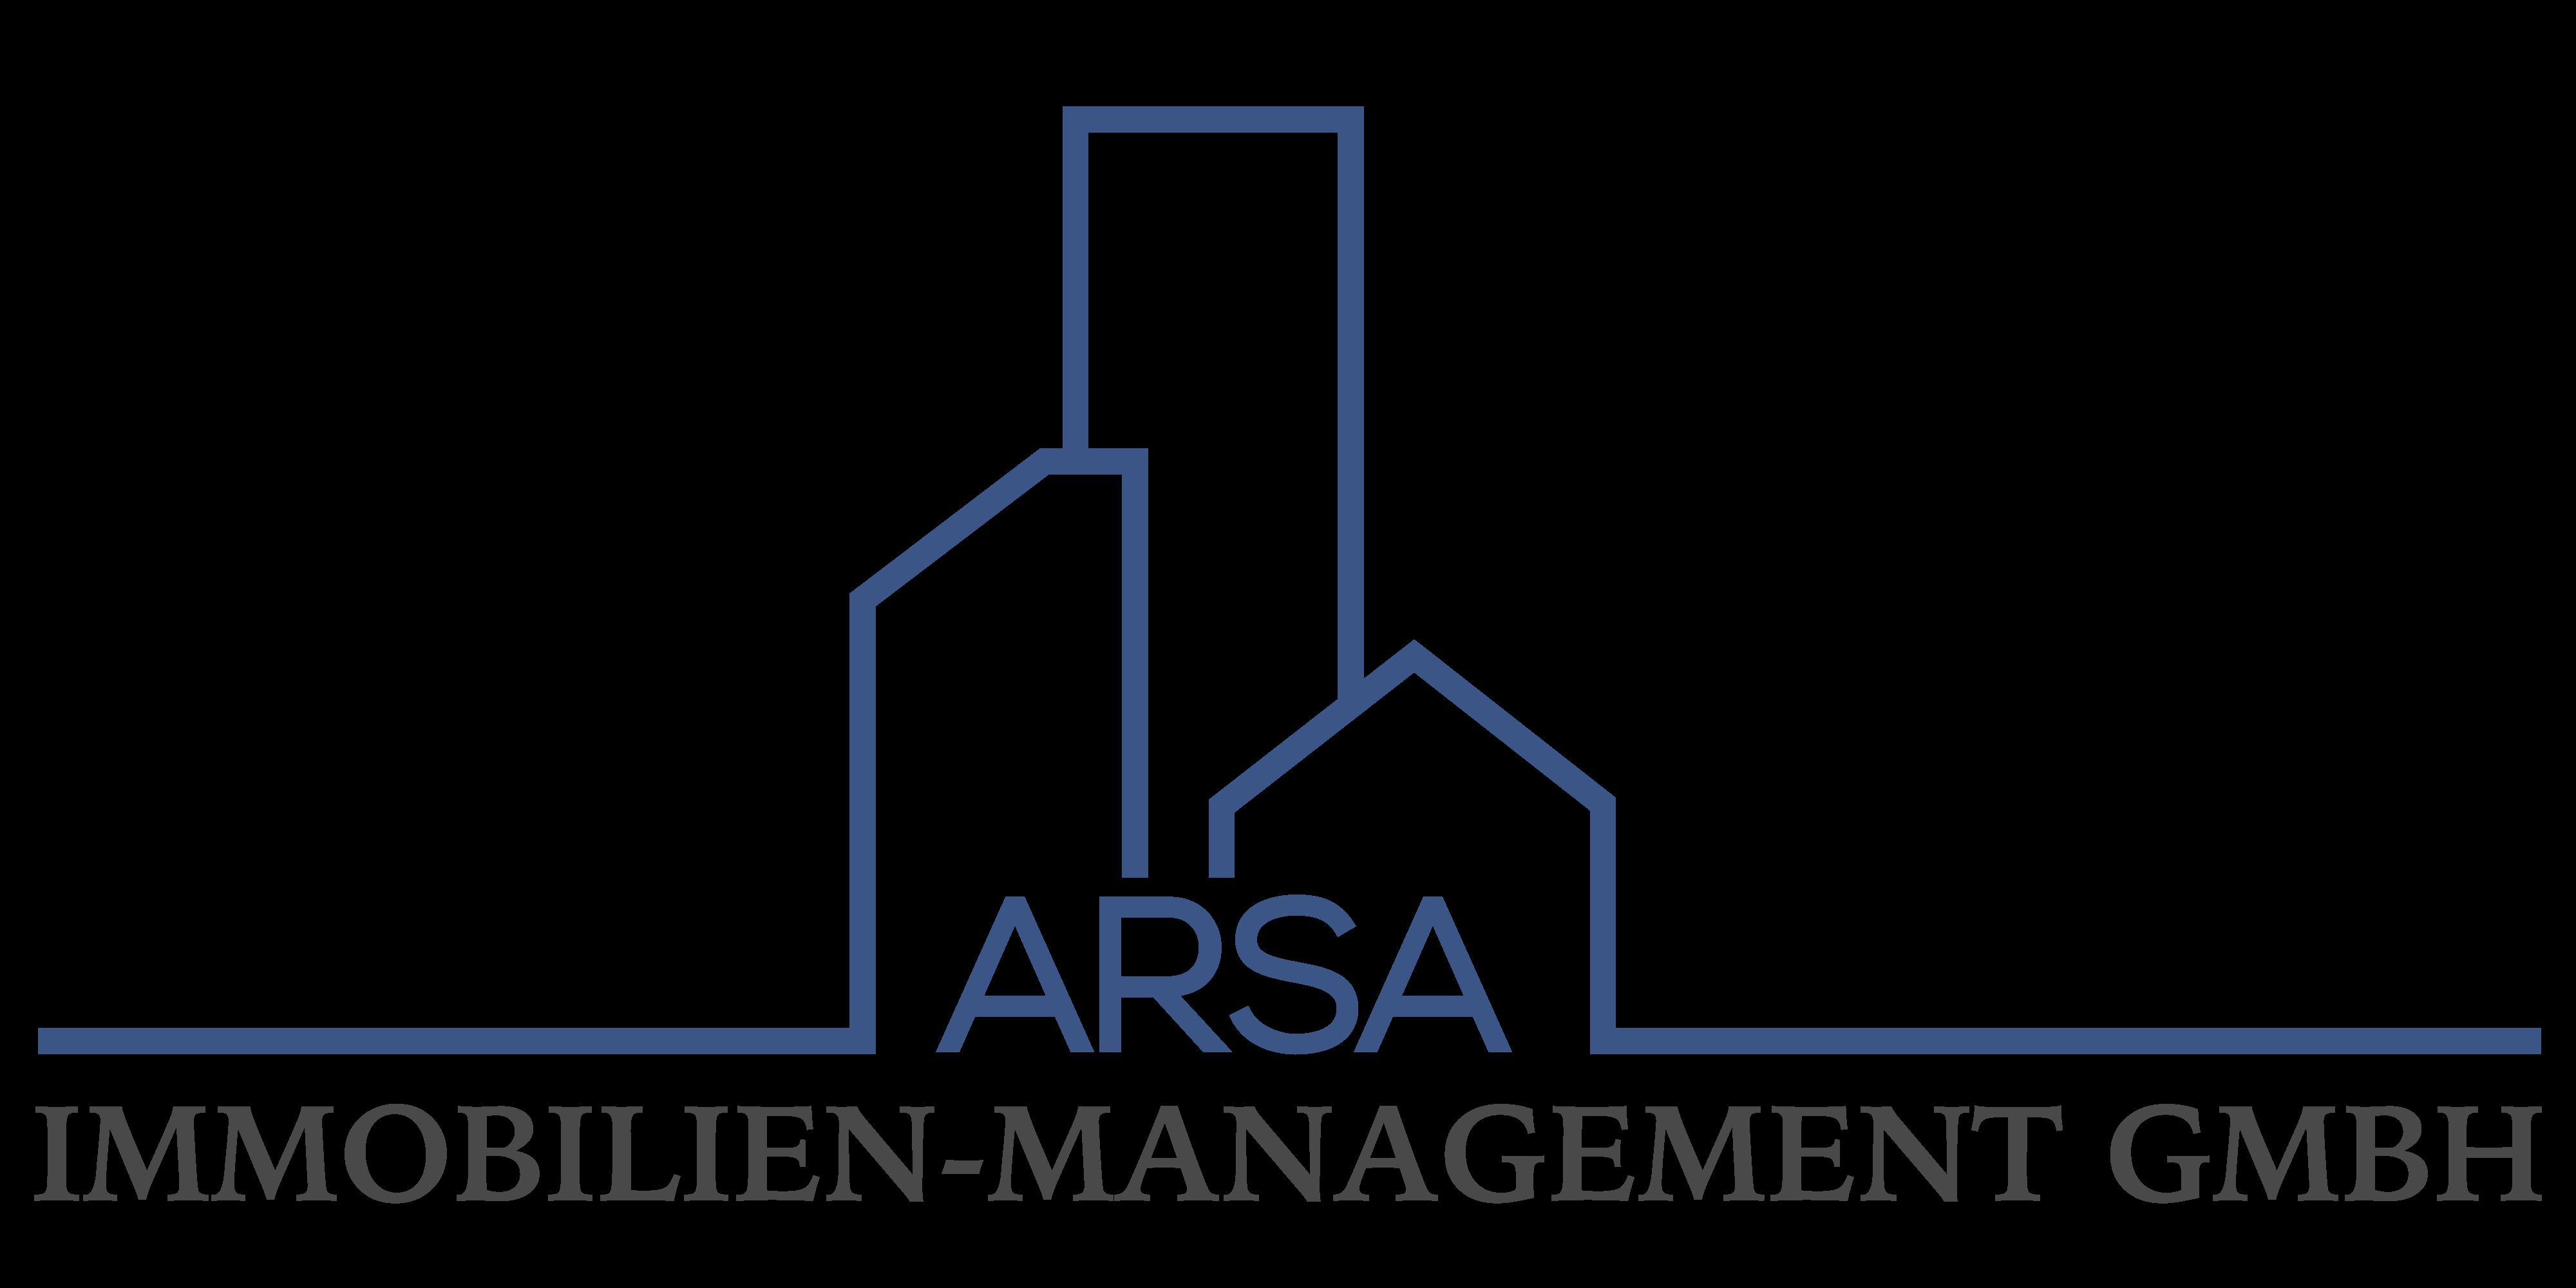 Arsa Immobilien